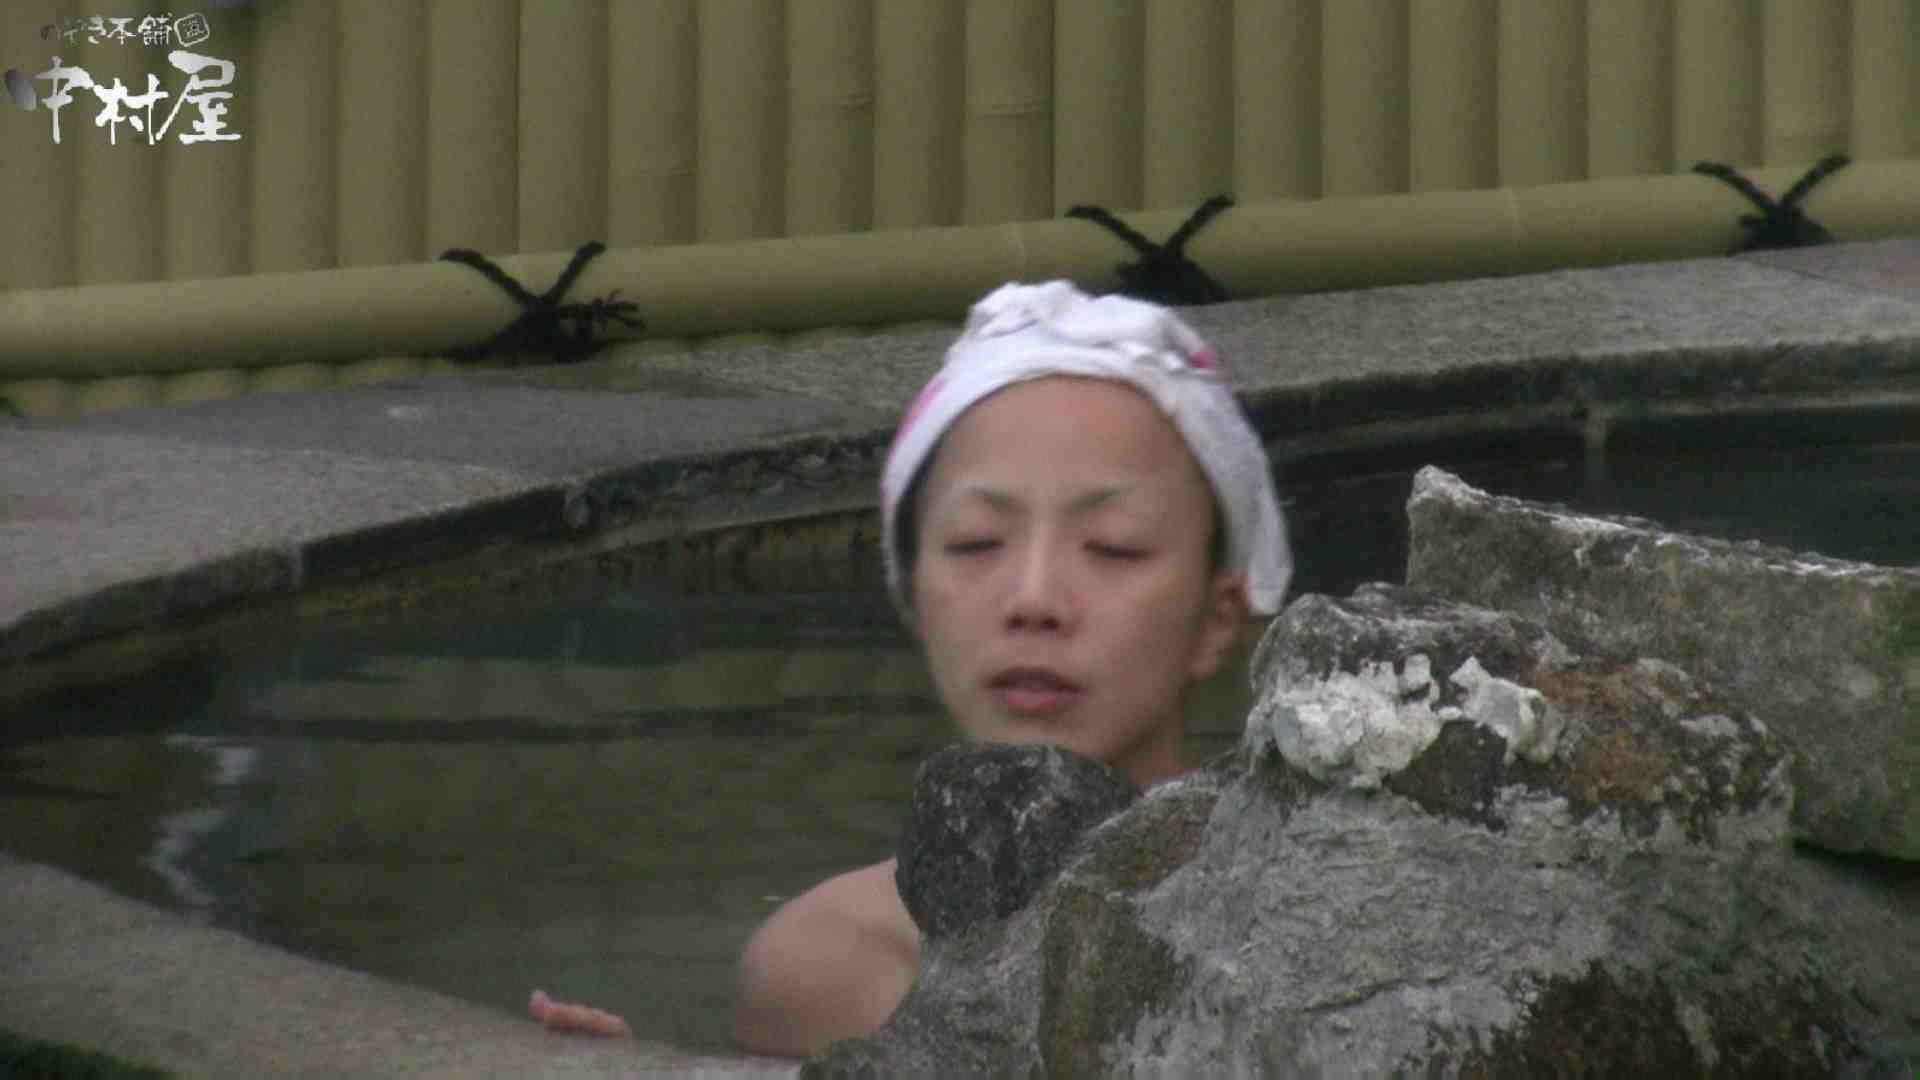 Aquaな露天風呂Vol.929 盗撮シリーズ  94PIX 62